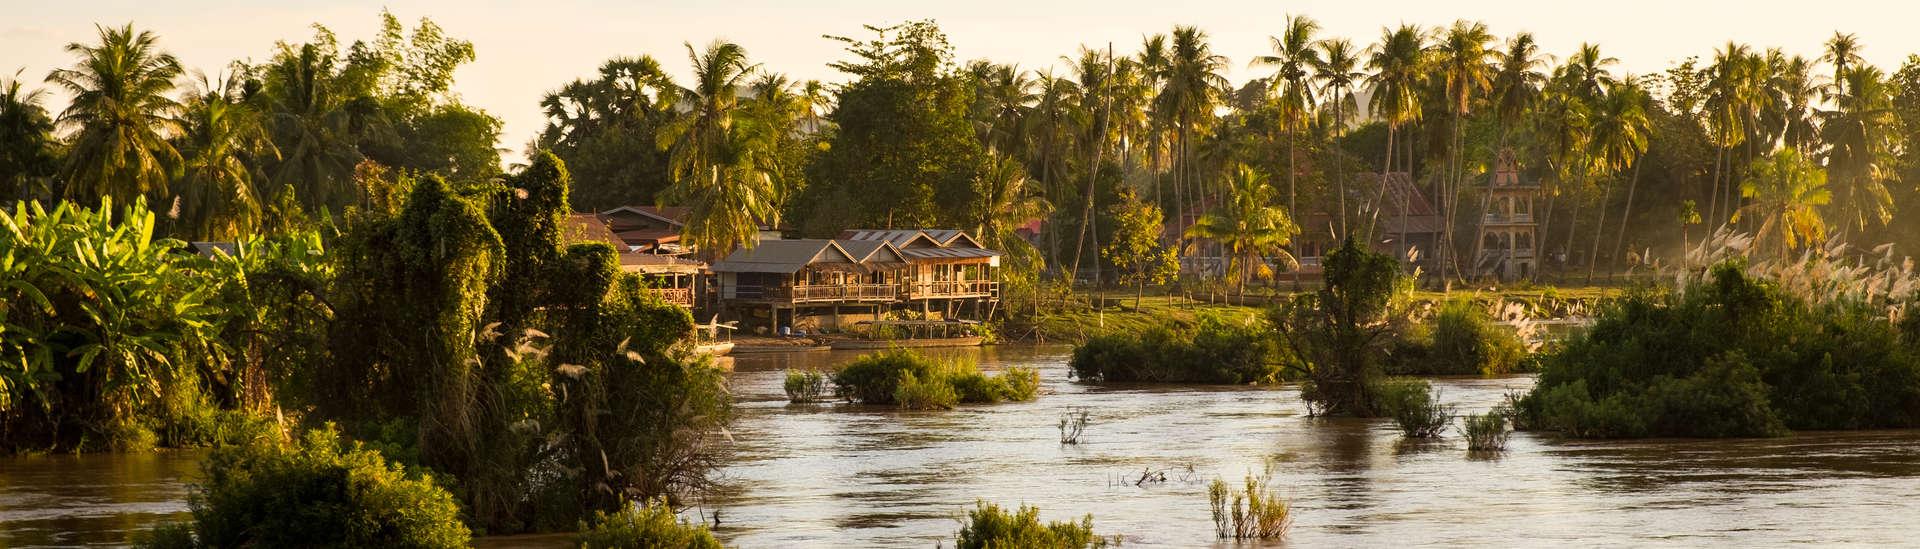 Laos.2017-6.jpg